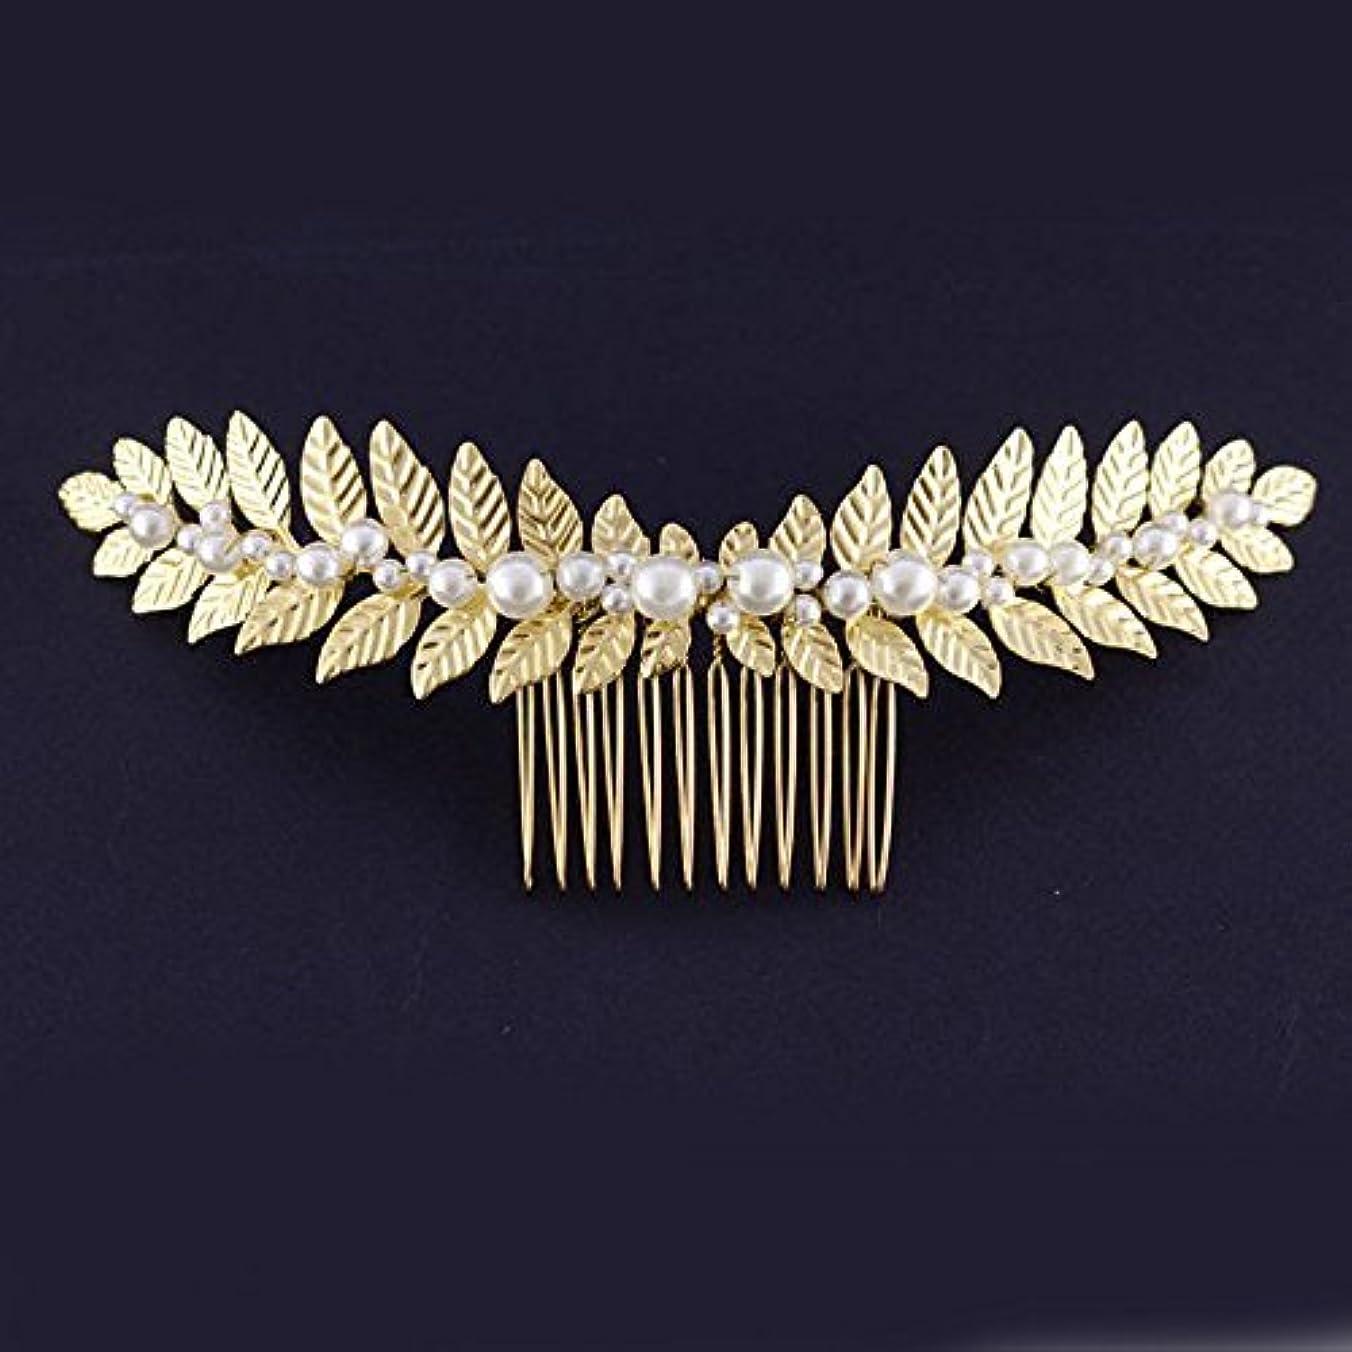 約設定強化リングバックFXmimior Bridal Women Gold Leaves Vintage Wedding Party Crystal Rhinestone Hair Comb Hair Accessories Wedding...